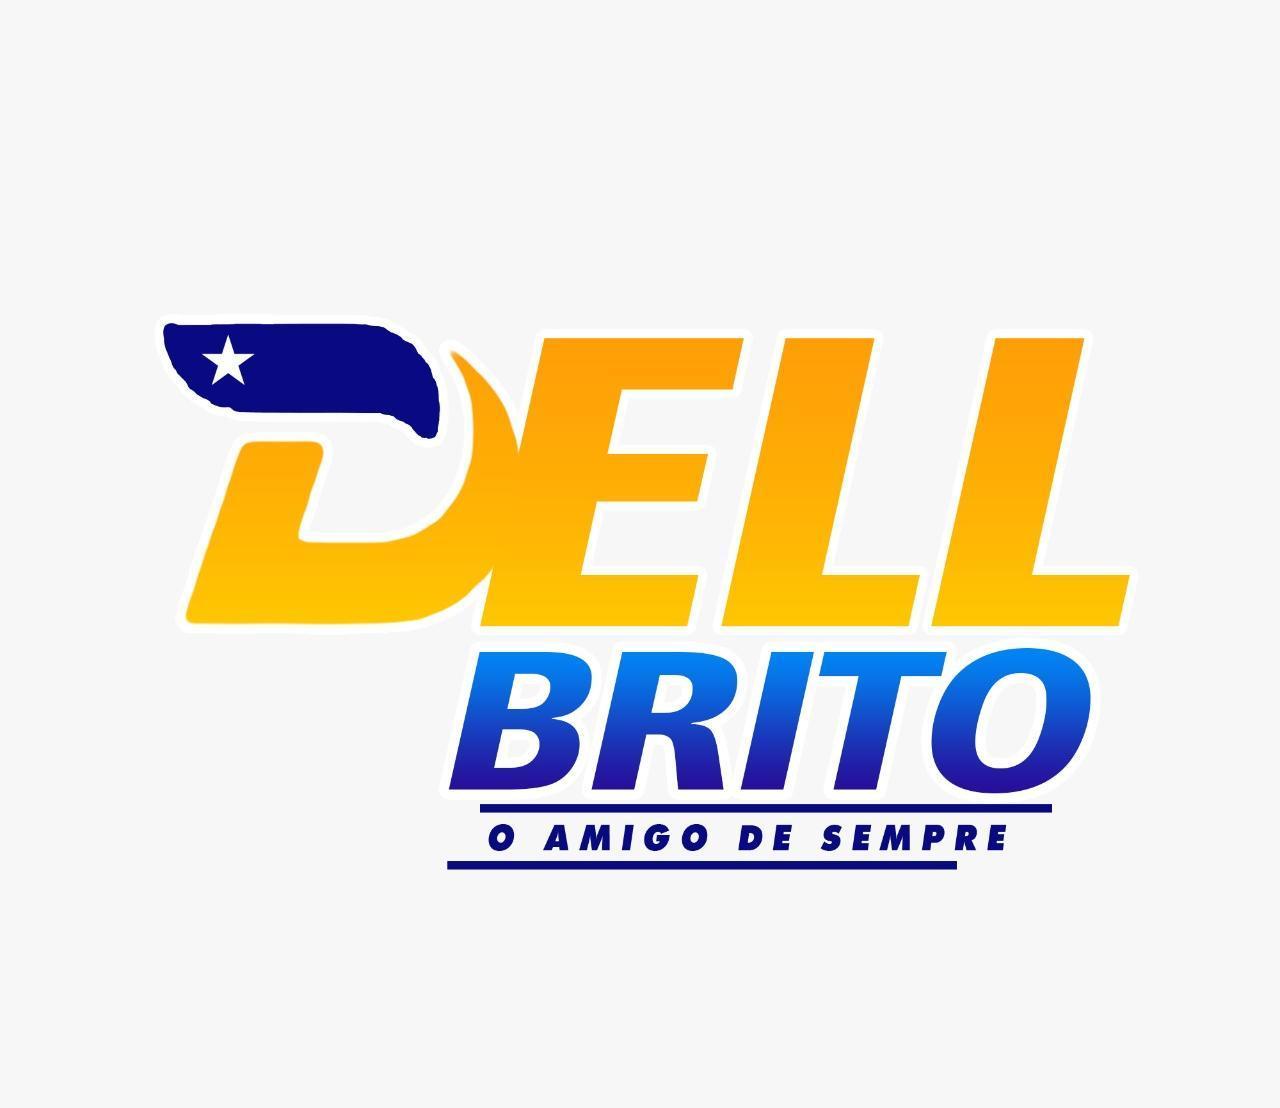 APOIO: DELL BRITO O AMIGO DE SEMPRE